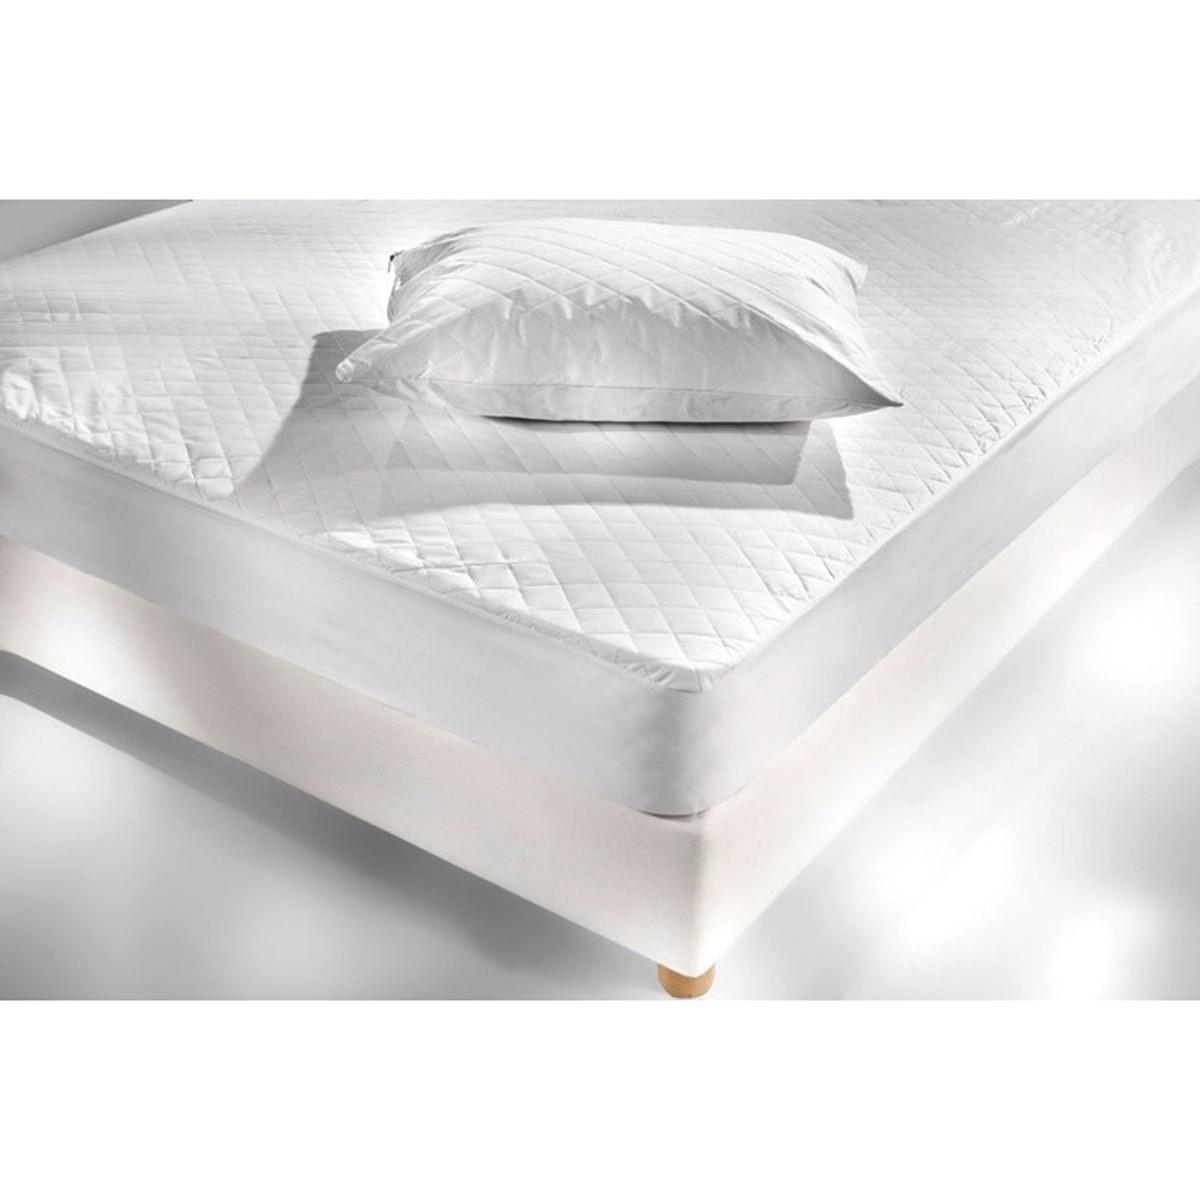 Ζεύγος Καλύμματα Μαξιλαριών Καπιτονέ (45×65) Hotel 100%Βαμβάκι